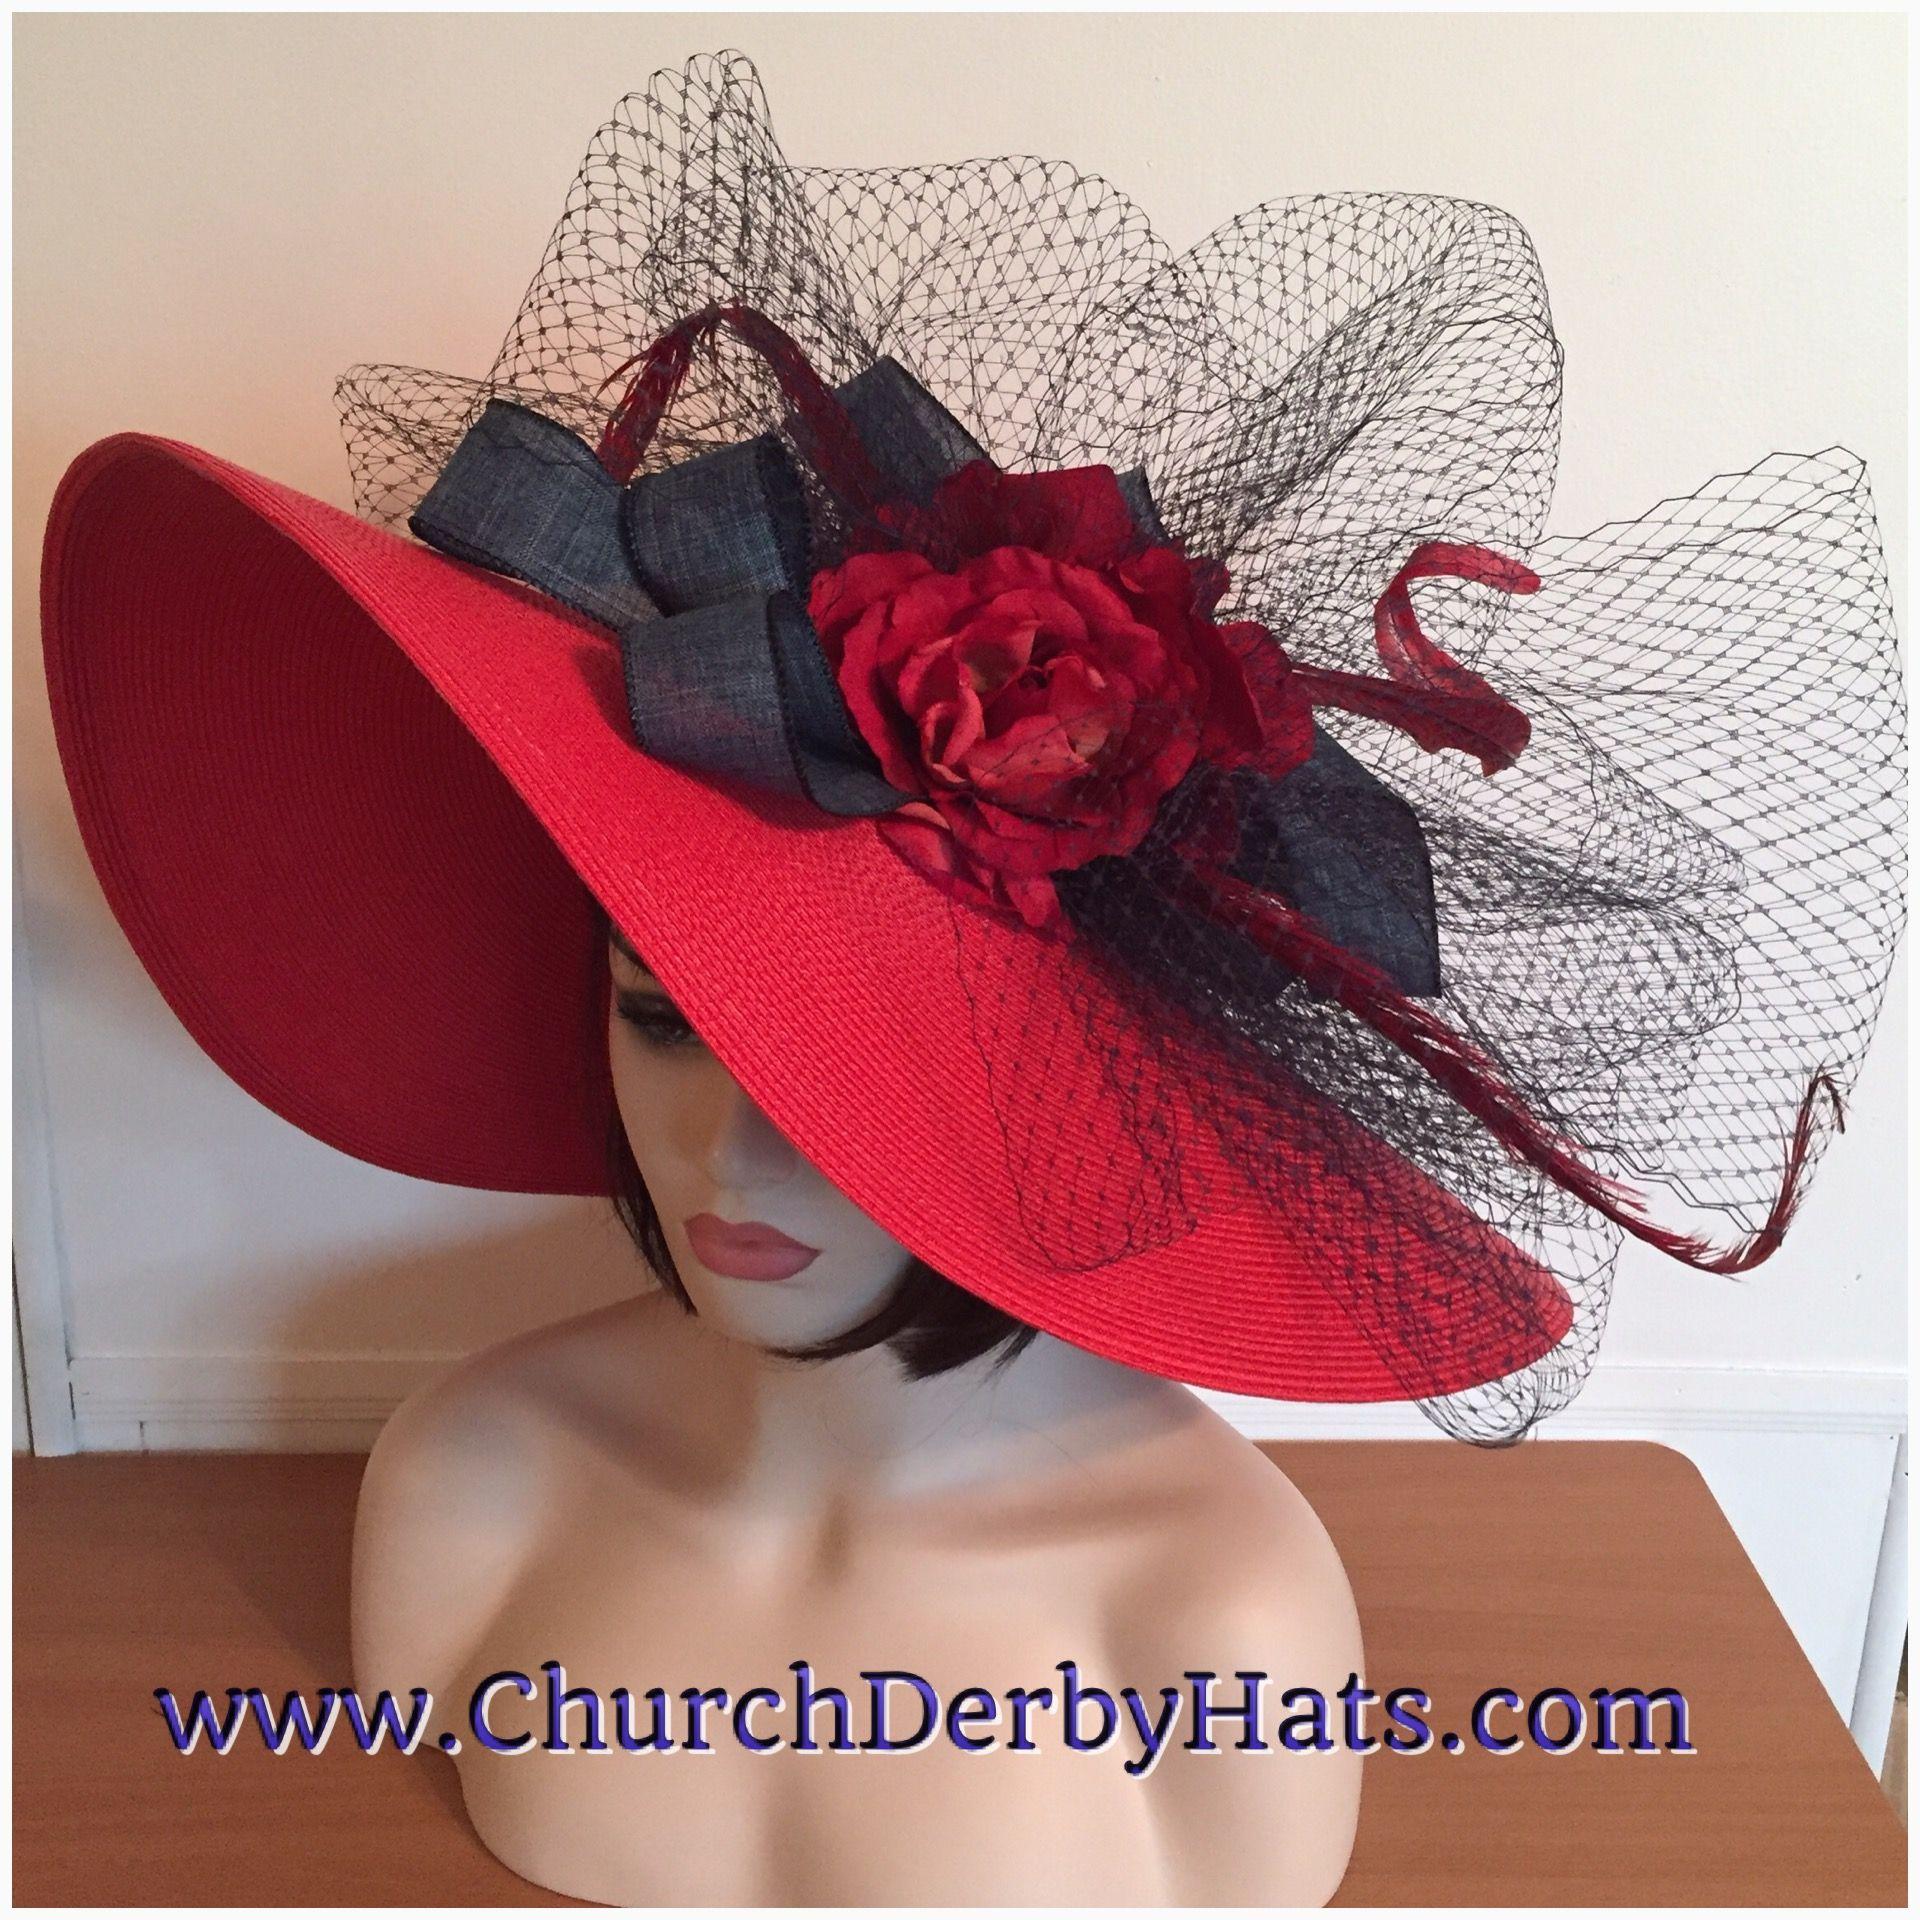 kentucky  kentuckyderbyhats  derbyhats  hats  churchhats  redhat   Vinzetta®   3767252b7c9